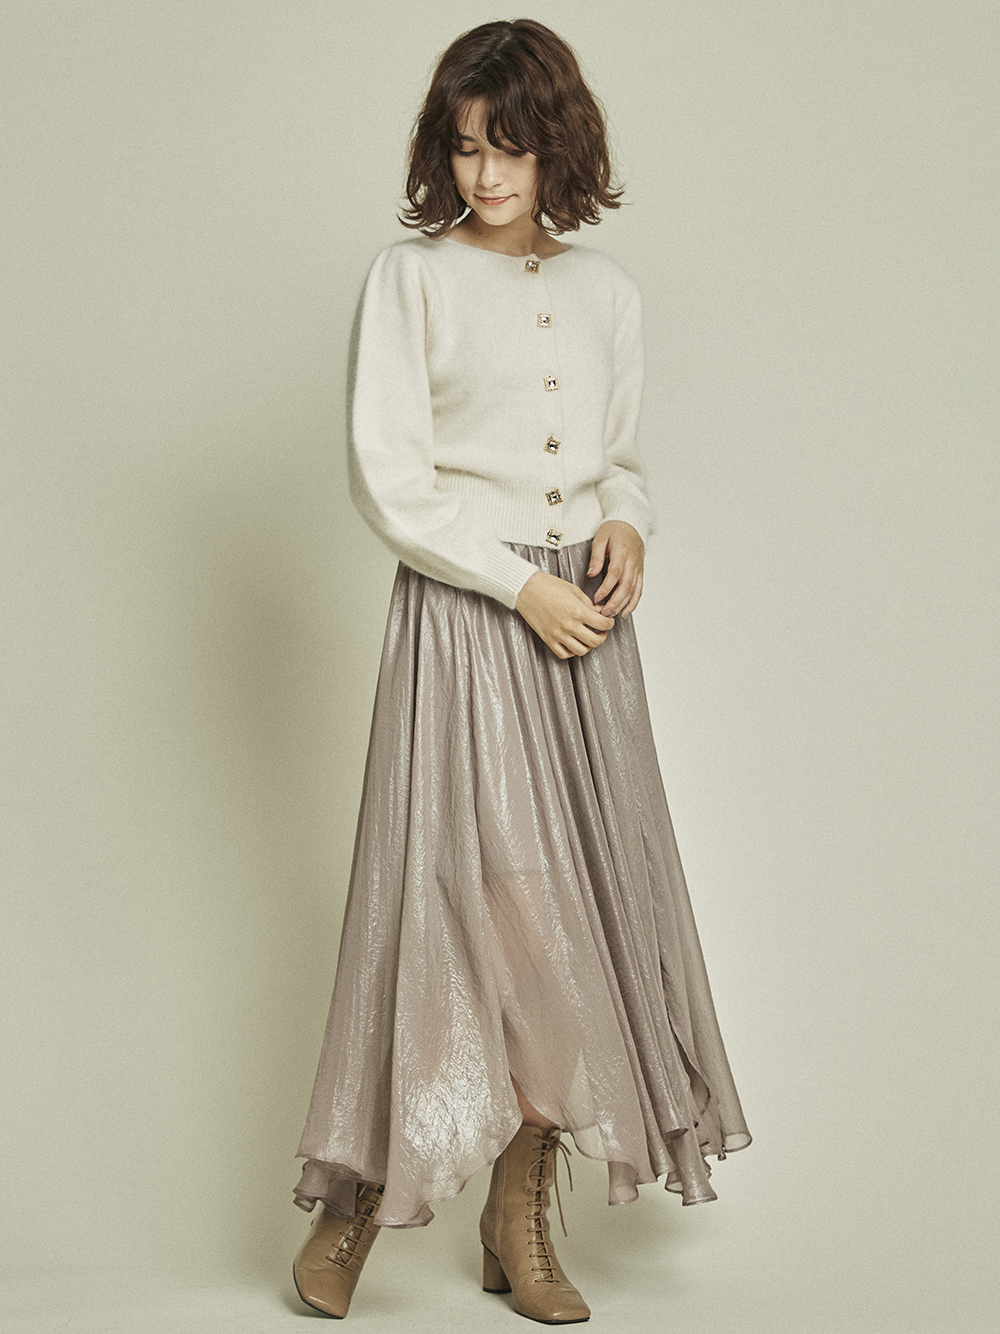 光澤雪紡長裙